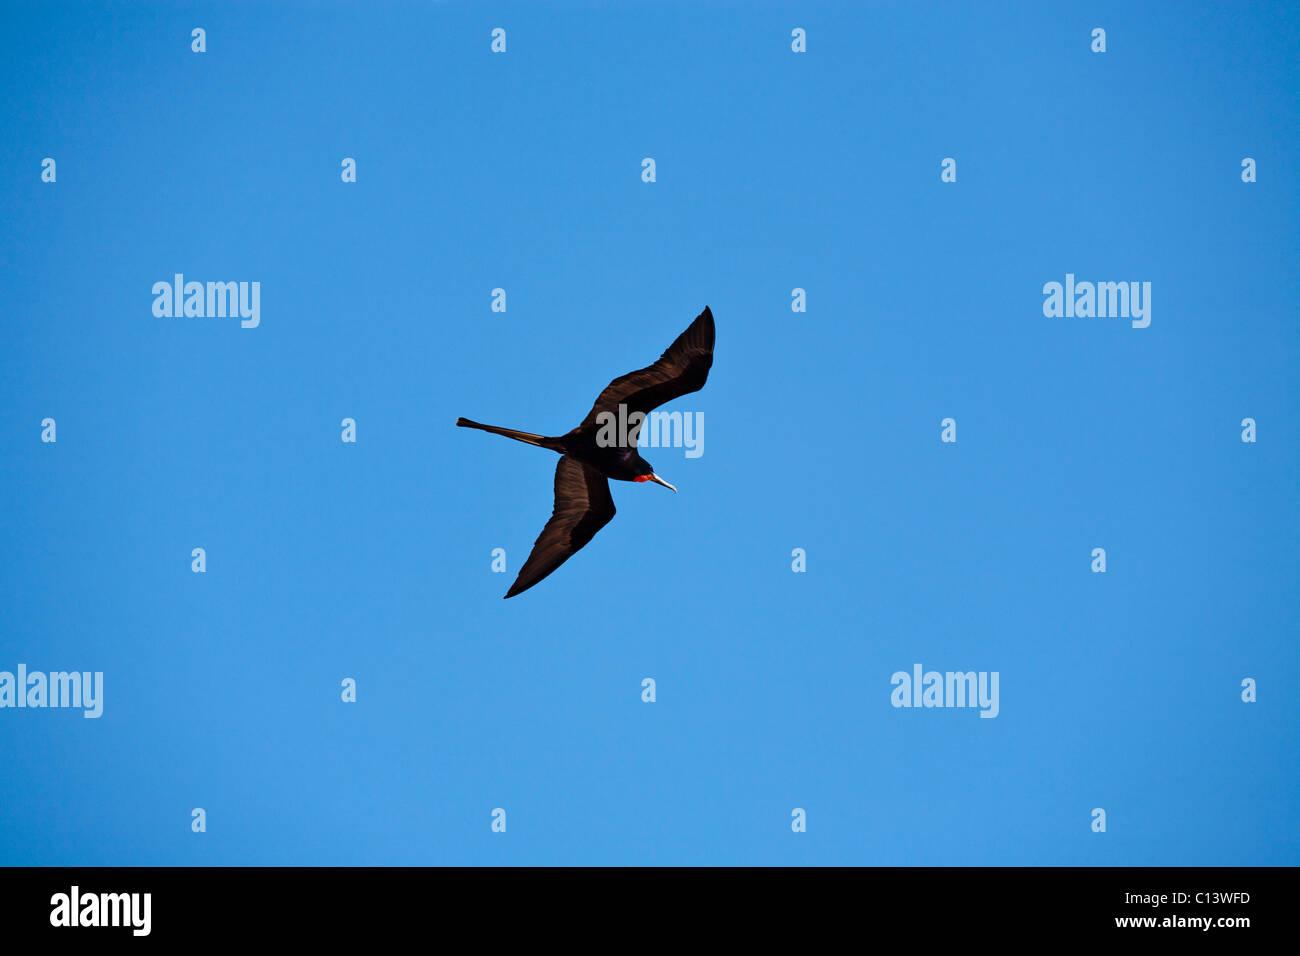 Magnificent Frigatebird Flying High. A Magnificent Frigatebird glides through a perfect blue sky. Stock Photo